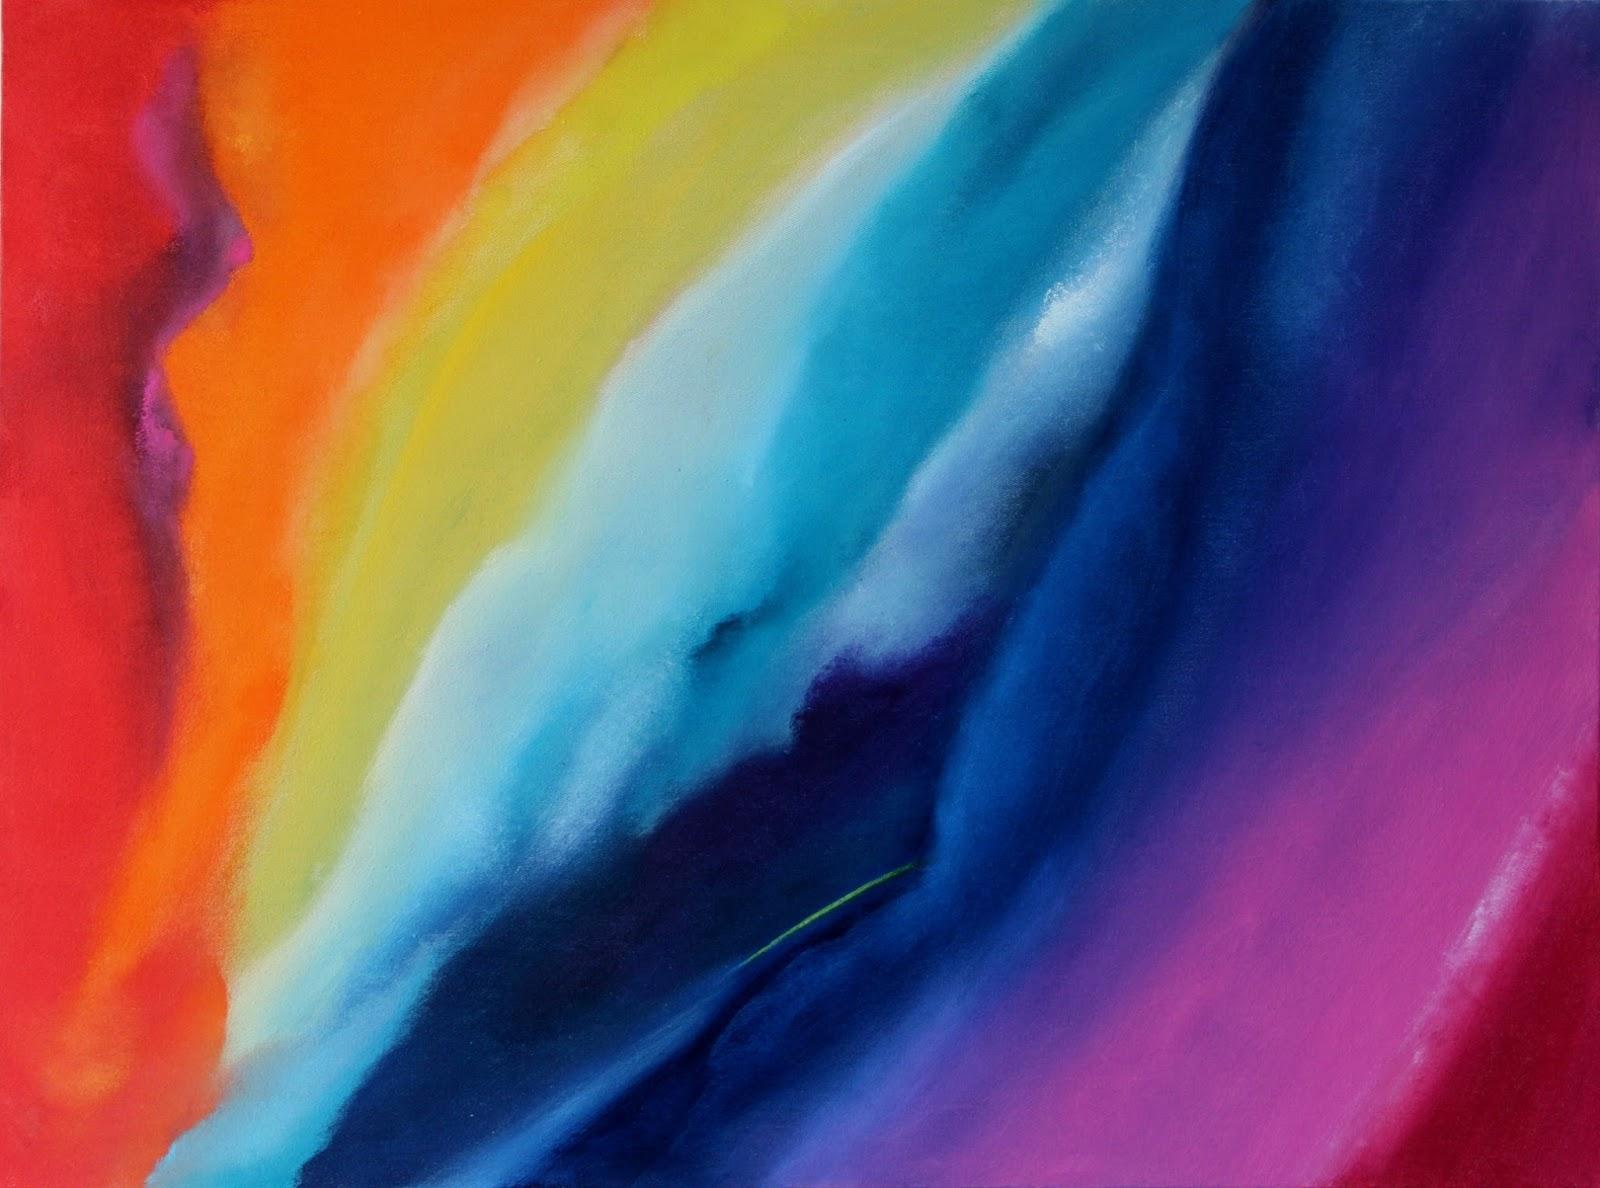 As novas formas e o novo colorido da arte abstrata de Elma Carneiro